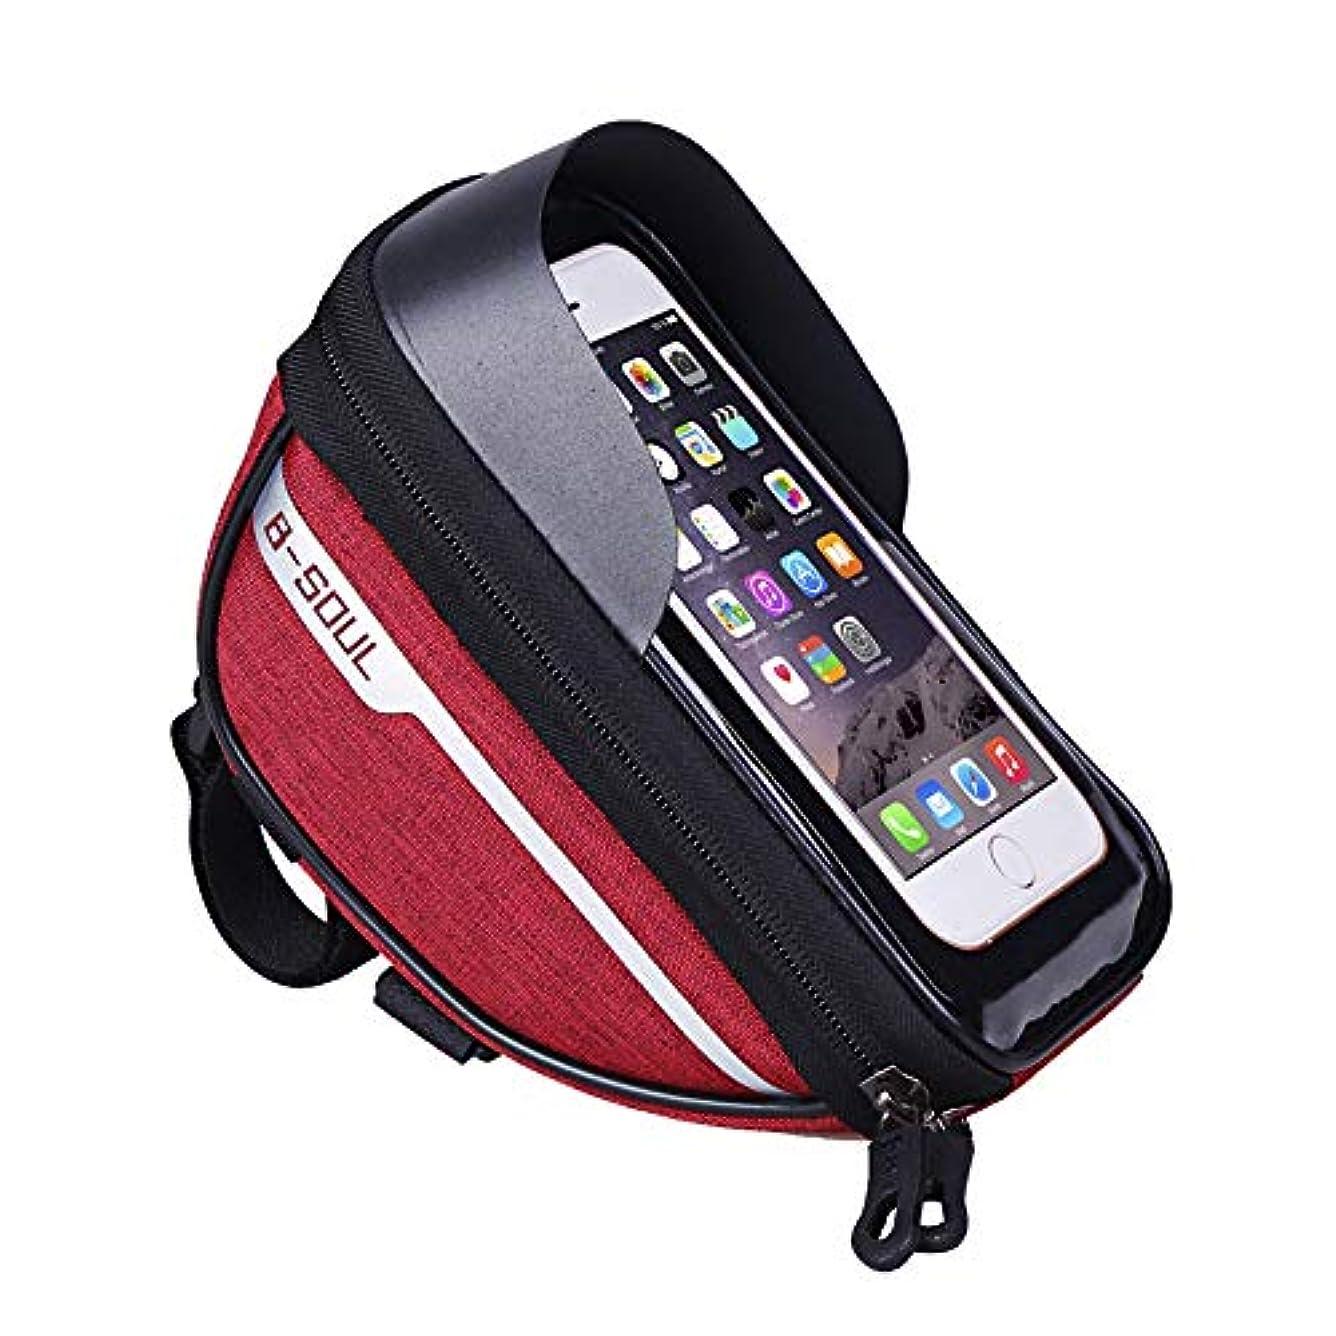 チャーター欠陥深めるサイクリングフレームパニア携帯電話バッグタッチスクリーン電話バッグ、ハンドルバーバッグ、TPUタッチスクリーン、操作が簡単、便利なバイザー付き、持ち物を運ぶのに最適